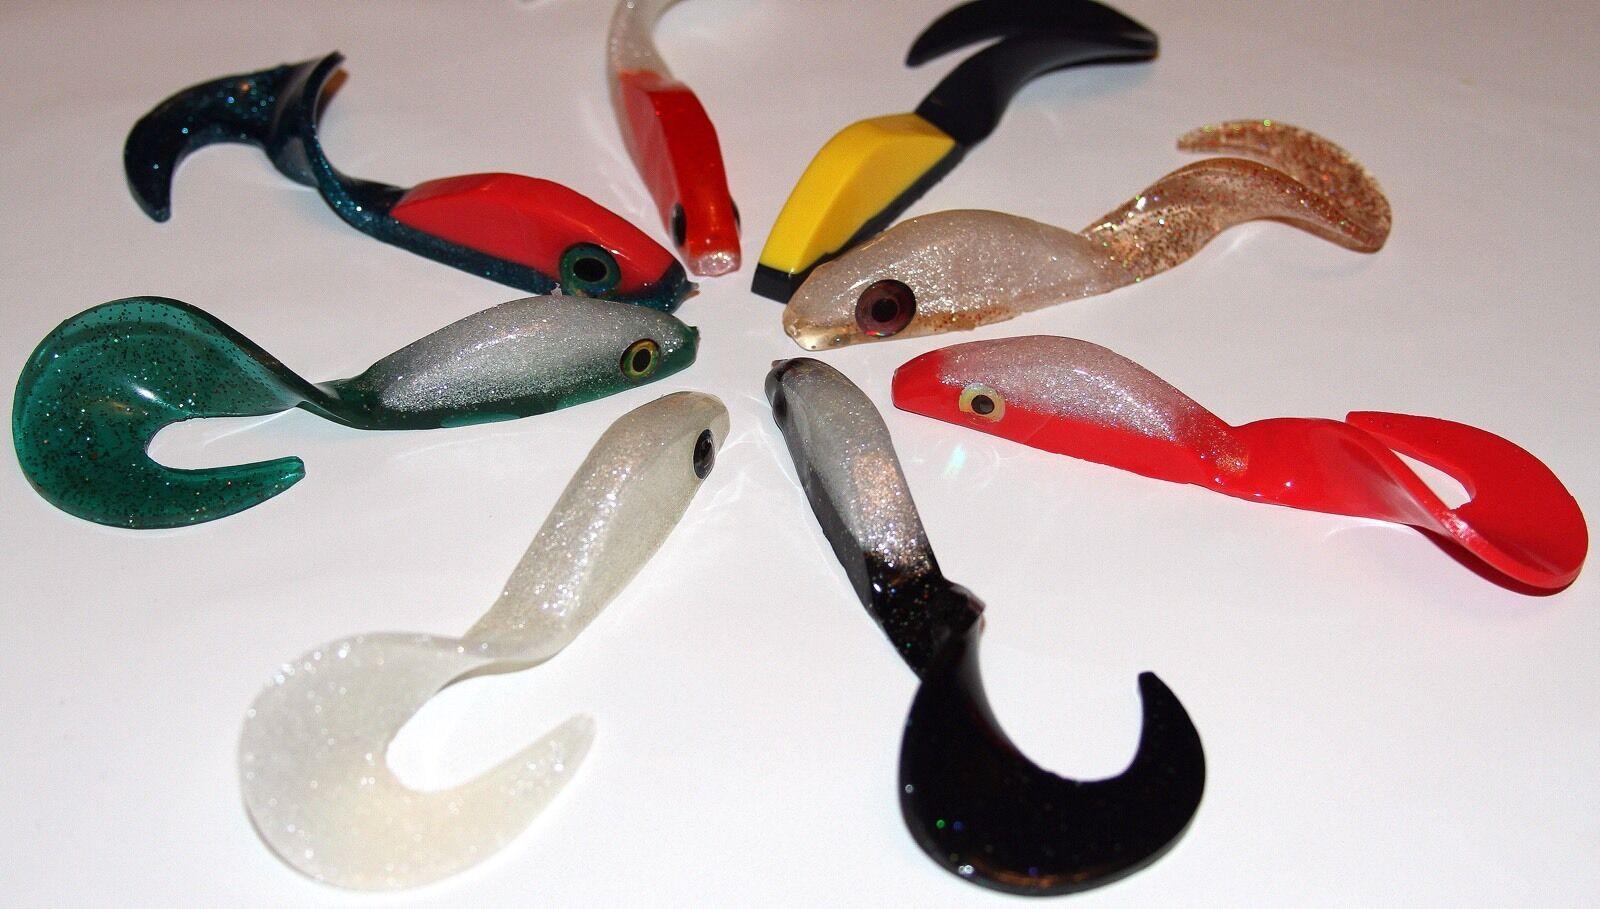 Plastica morbida esca esca esca da Pesca MAKING KIT Plastisol 4.5  CANGURO wiptail Swim Baits d42baf